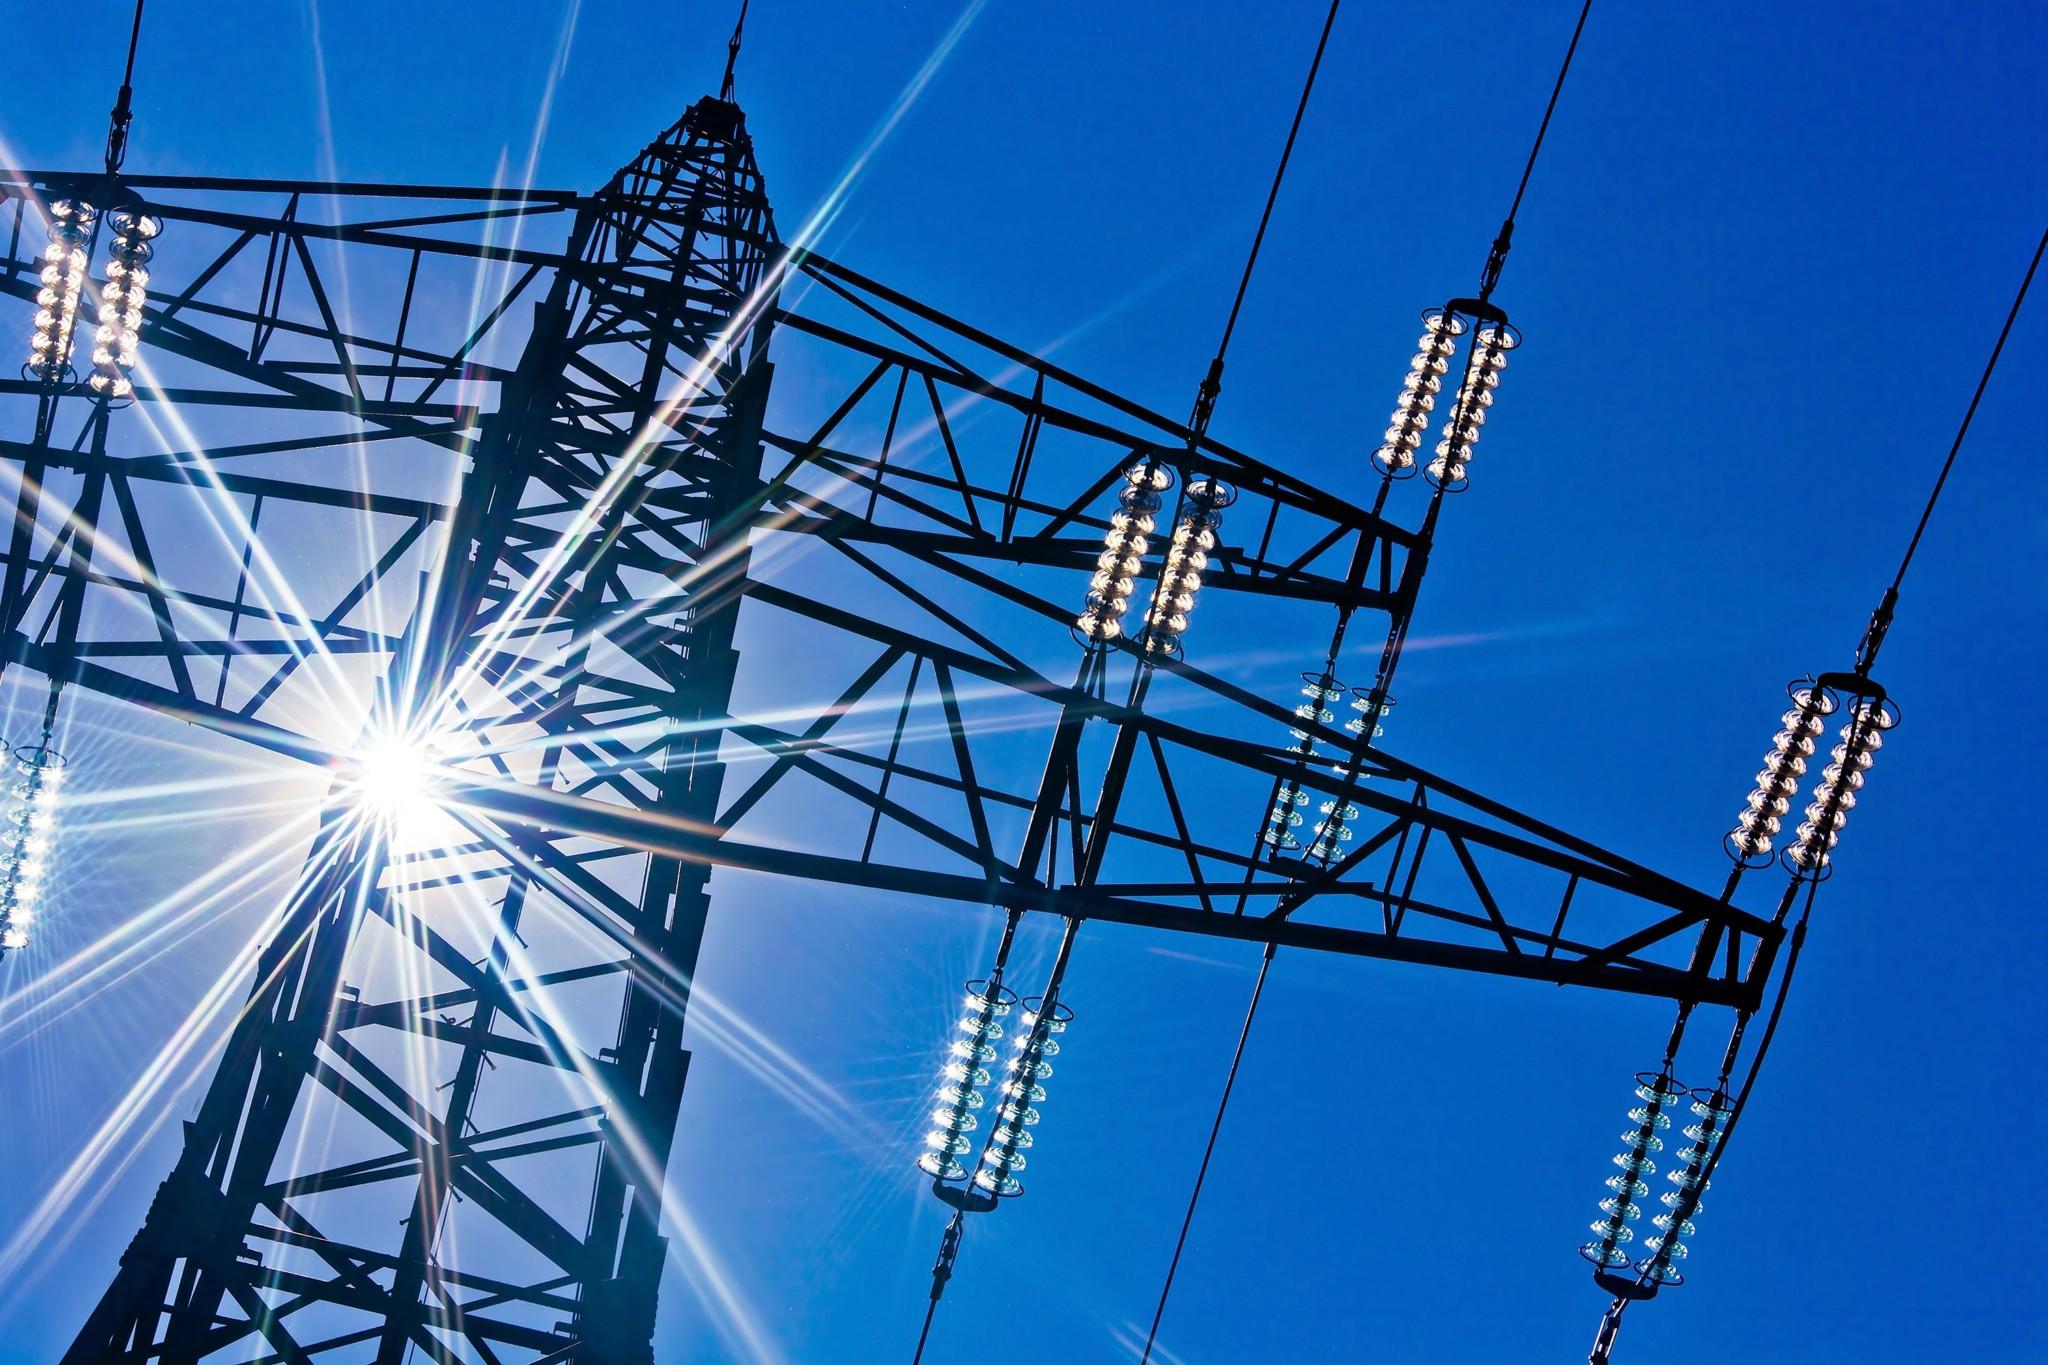 Une évolution socialement responsable du parc de production électrique en Europe